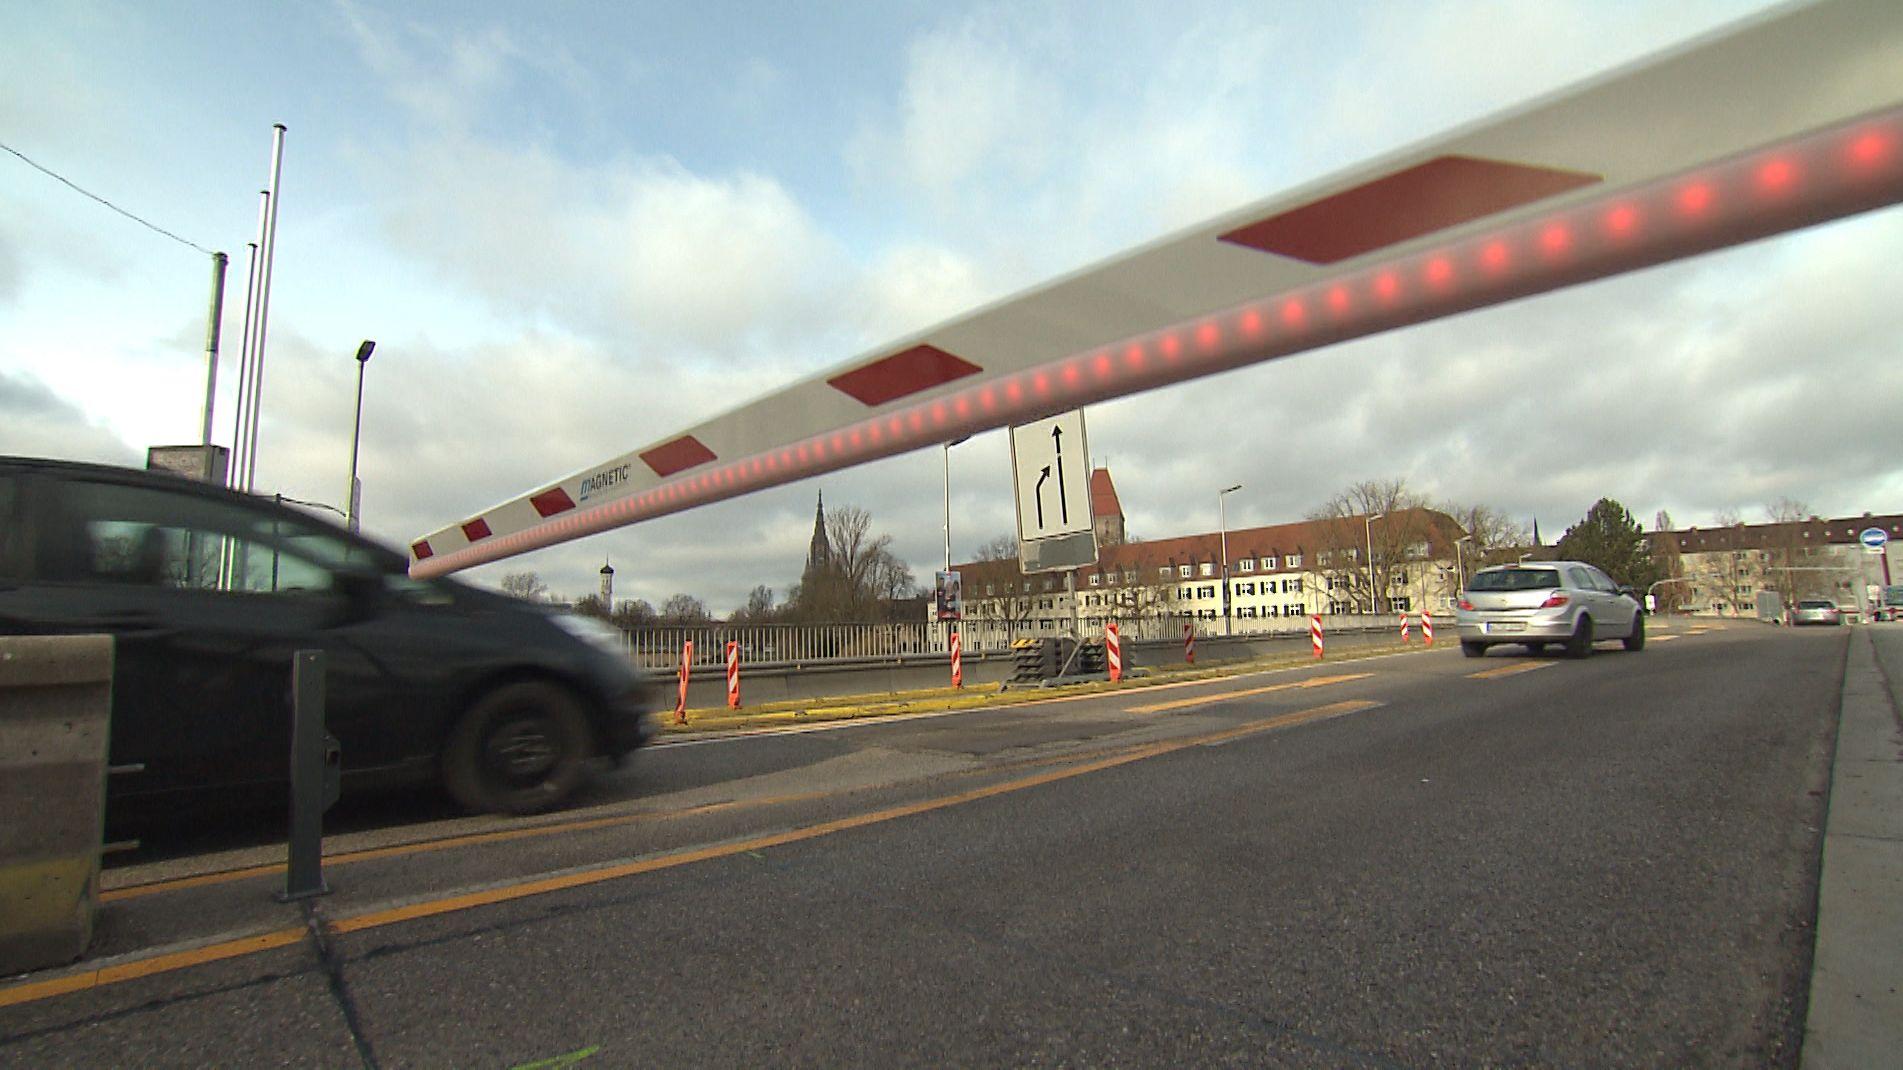 Gänstorbrücke zwischen Ulm und Neu-Ulm